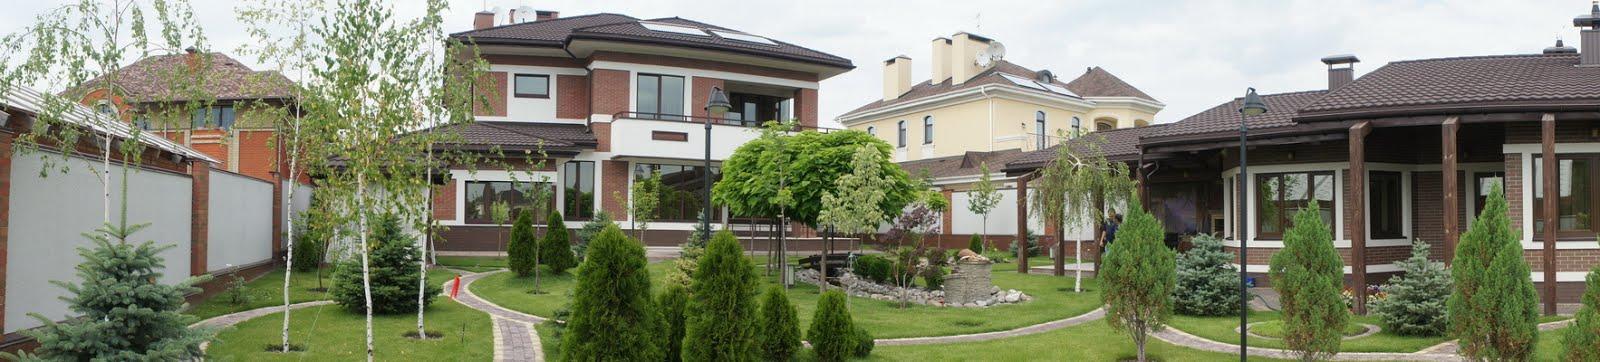 Проекты частных домов, коттеджей. Архитектурный дизайн.